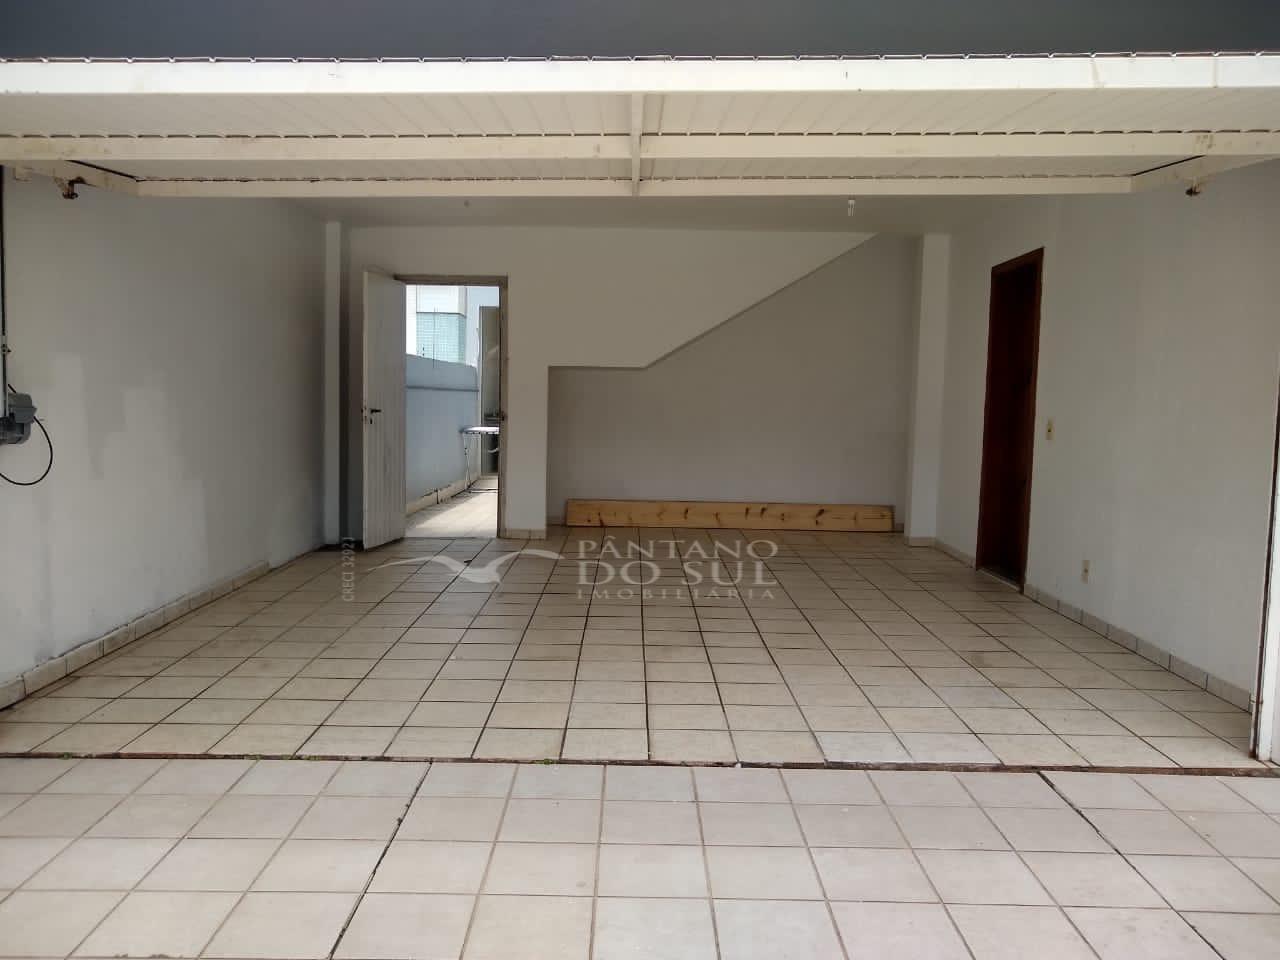 4 Bedrooms Bedrooms, ,3 BathroomsBathrooms,Casa,Venda,1401